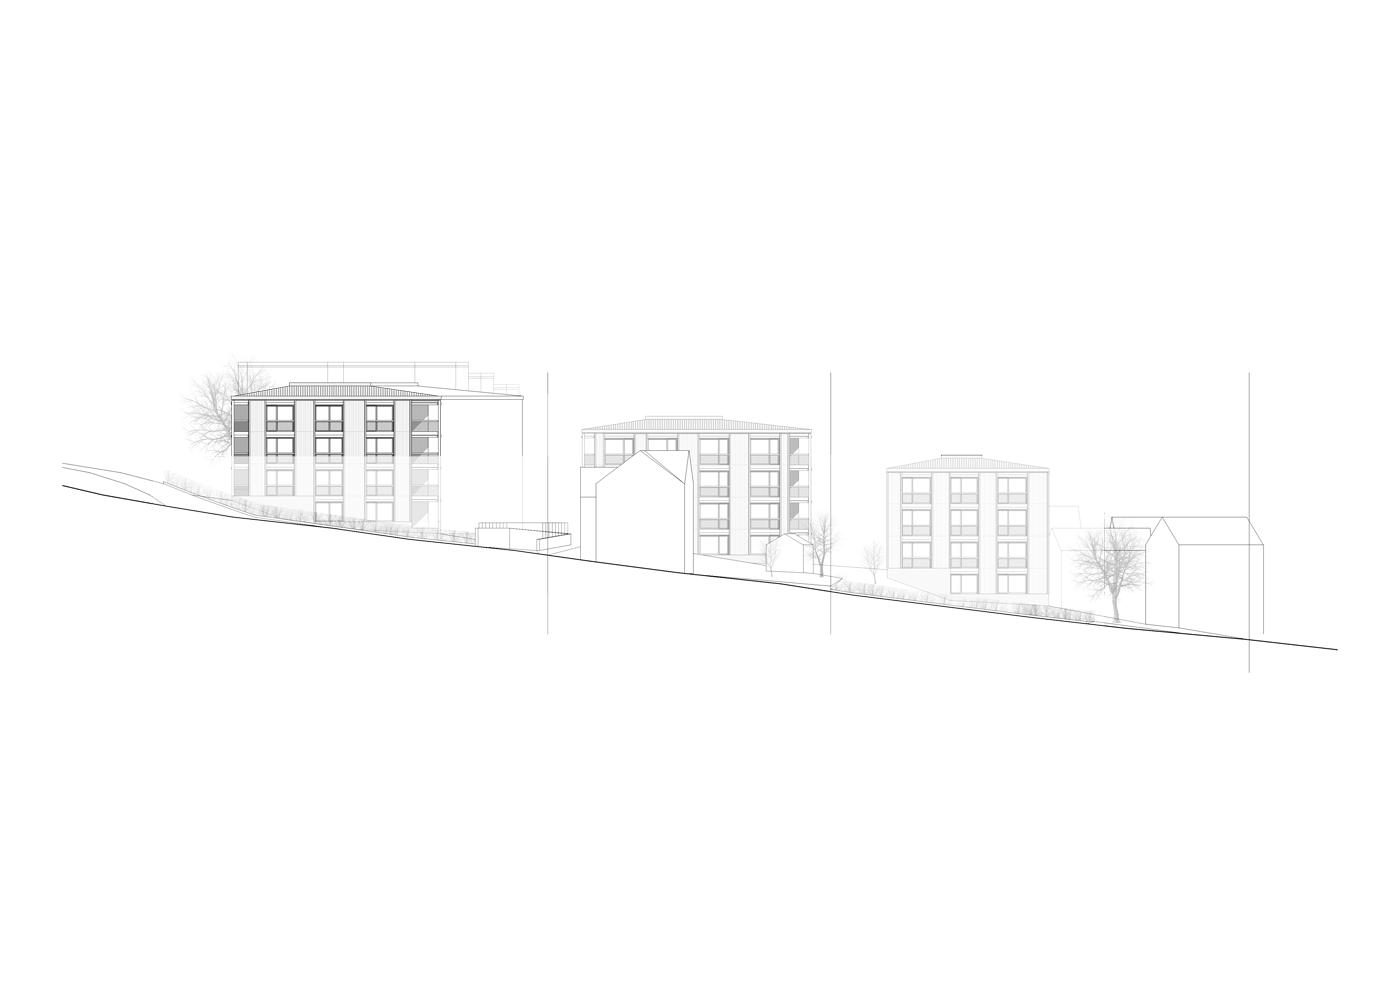 buan-architekten-oberdorf-vitznau-ansicht-nord